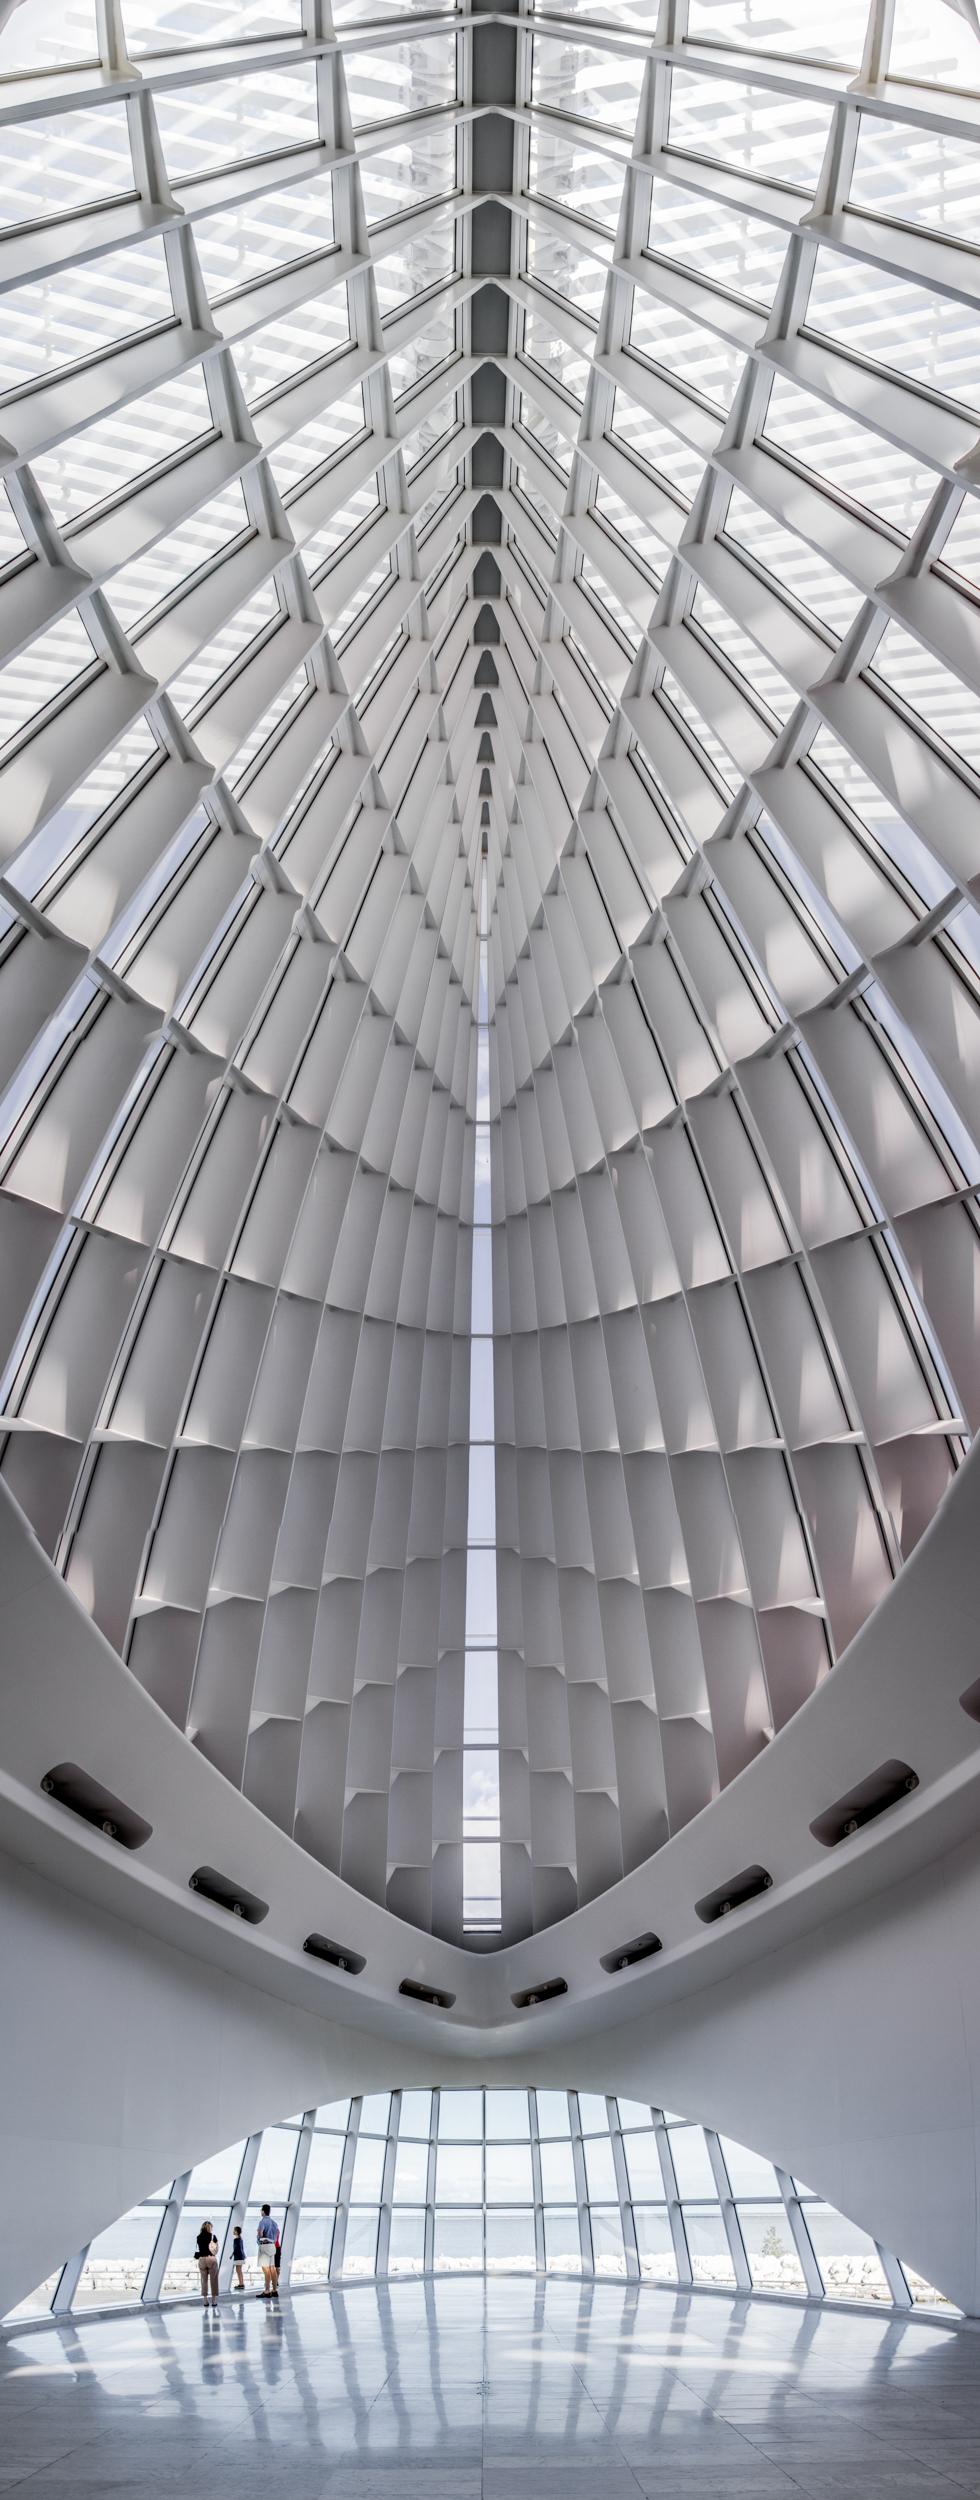 MKE Art museum Panorama.jpg